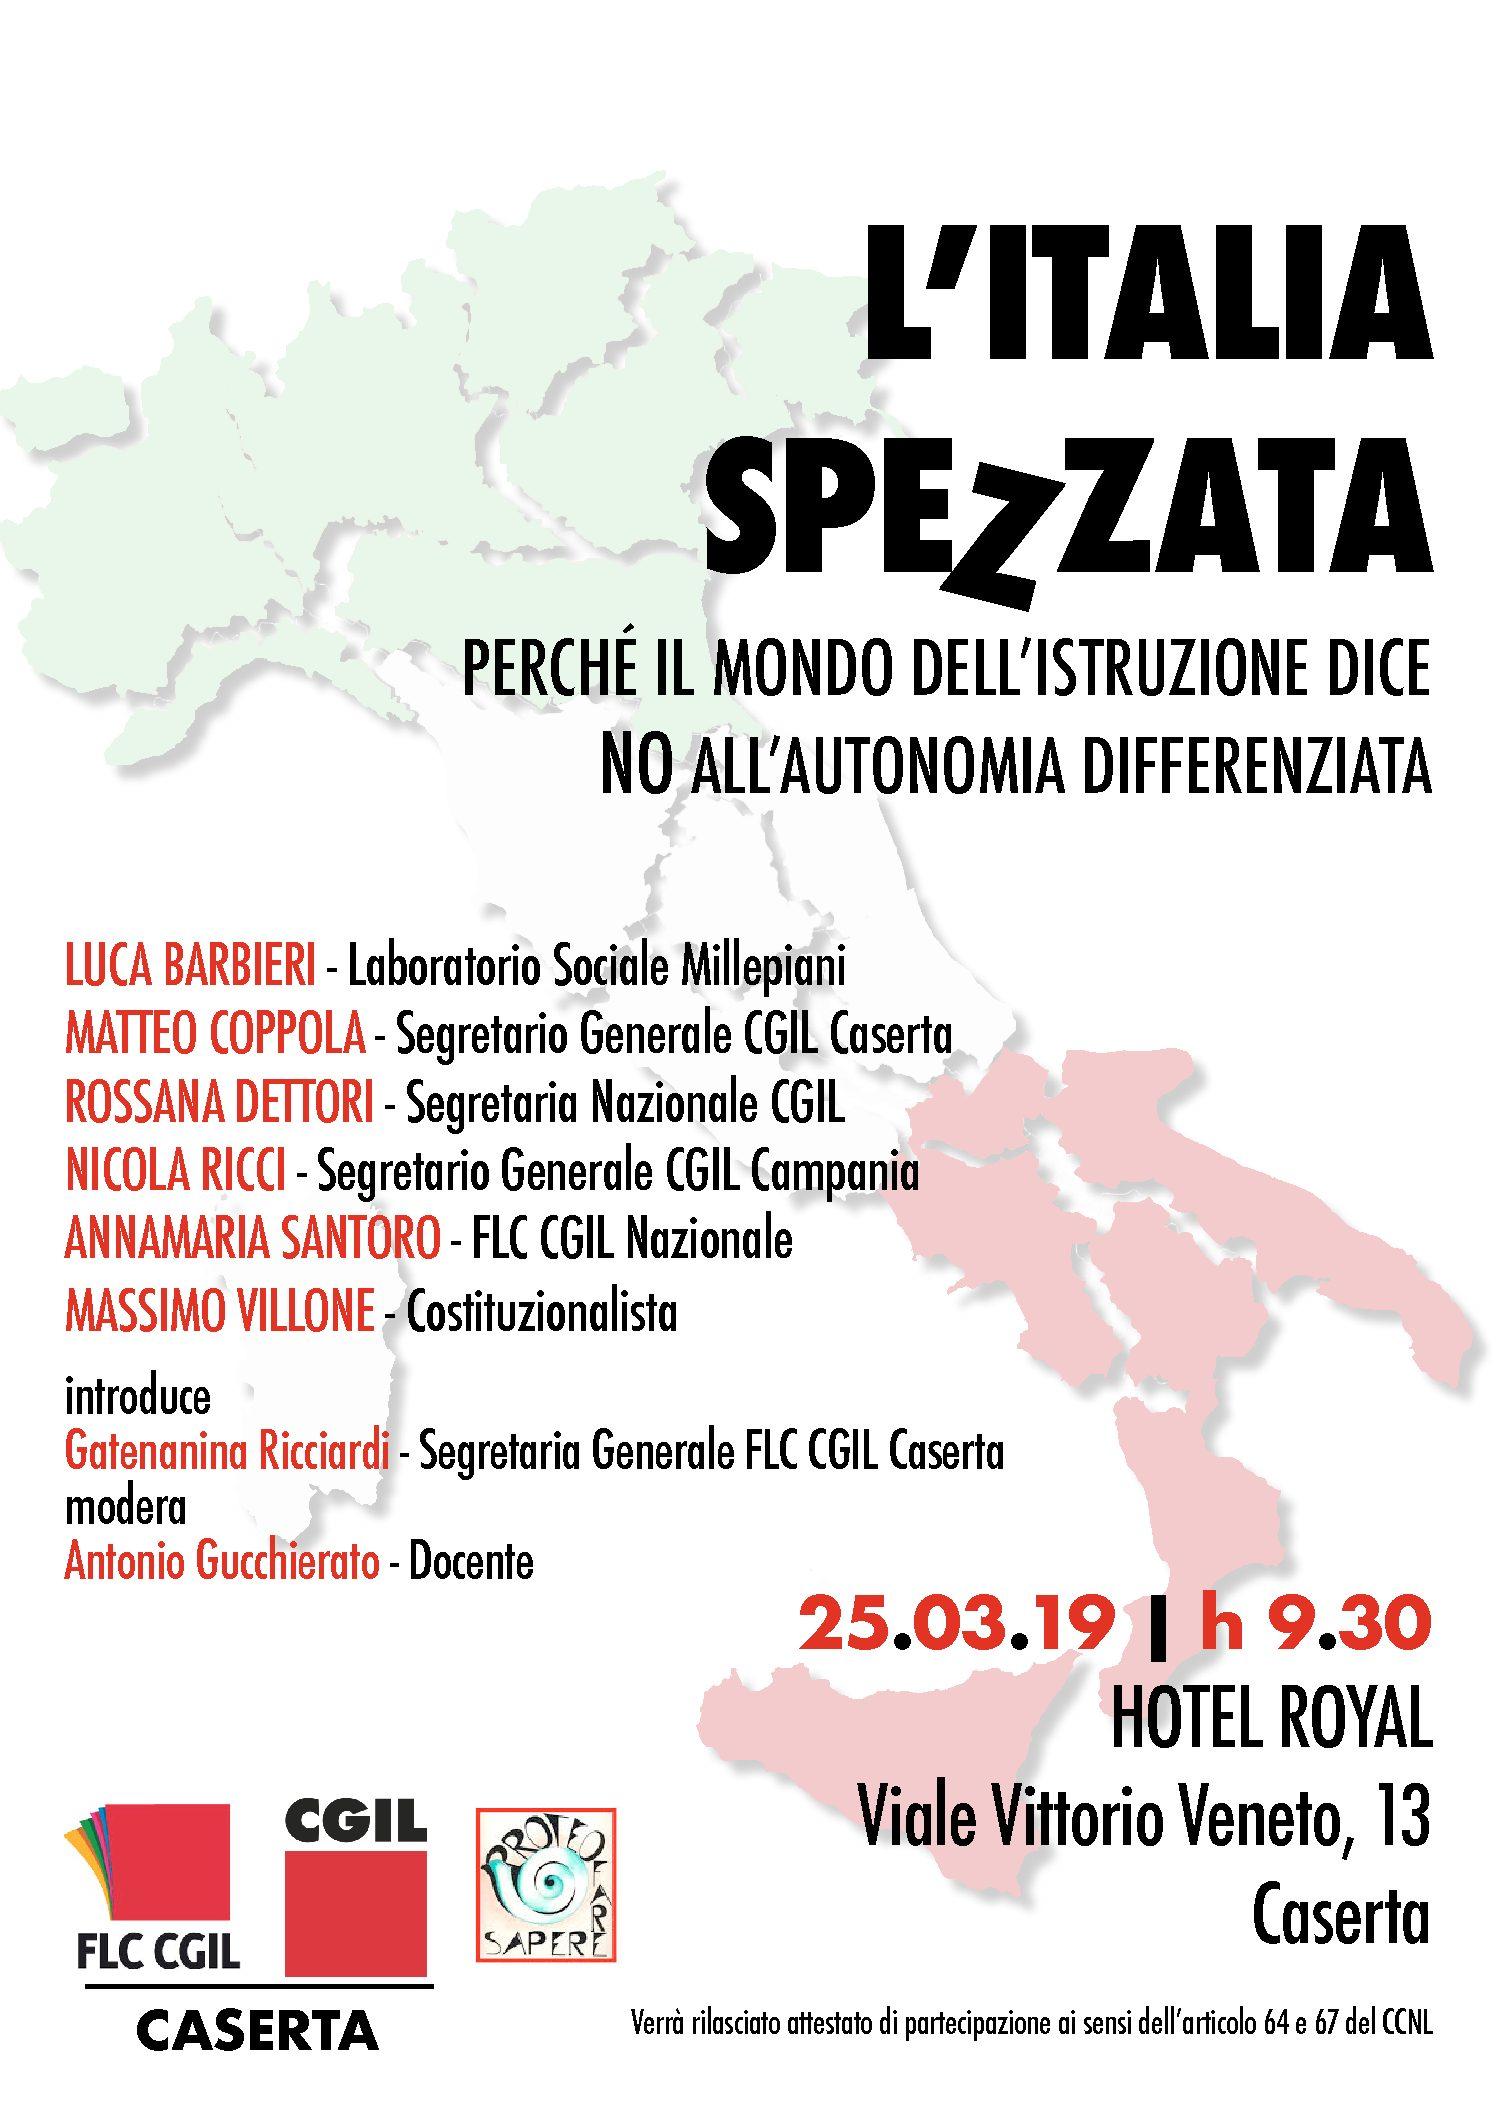 L'ITALIA SPEZZATA, perchè il mondo dell'Istruzione dice NO all'autonomia differenziata